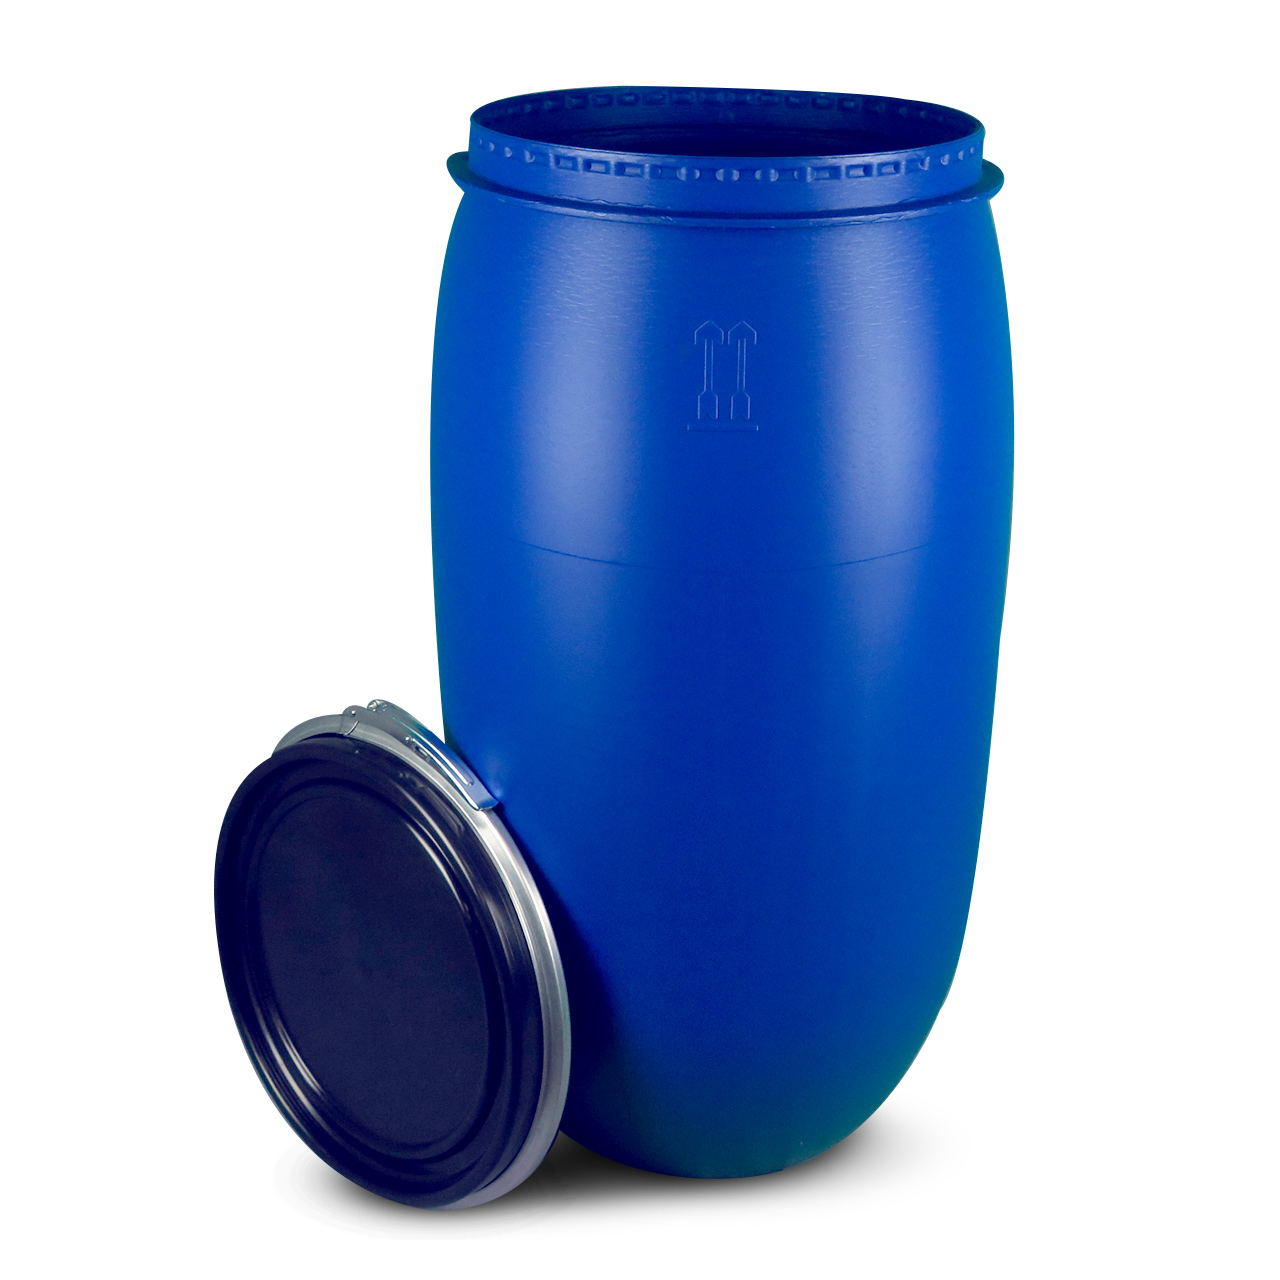 150 L Kunststoffdeckelfass, blau, STANDARD, lebensmittelecht, UN